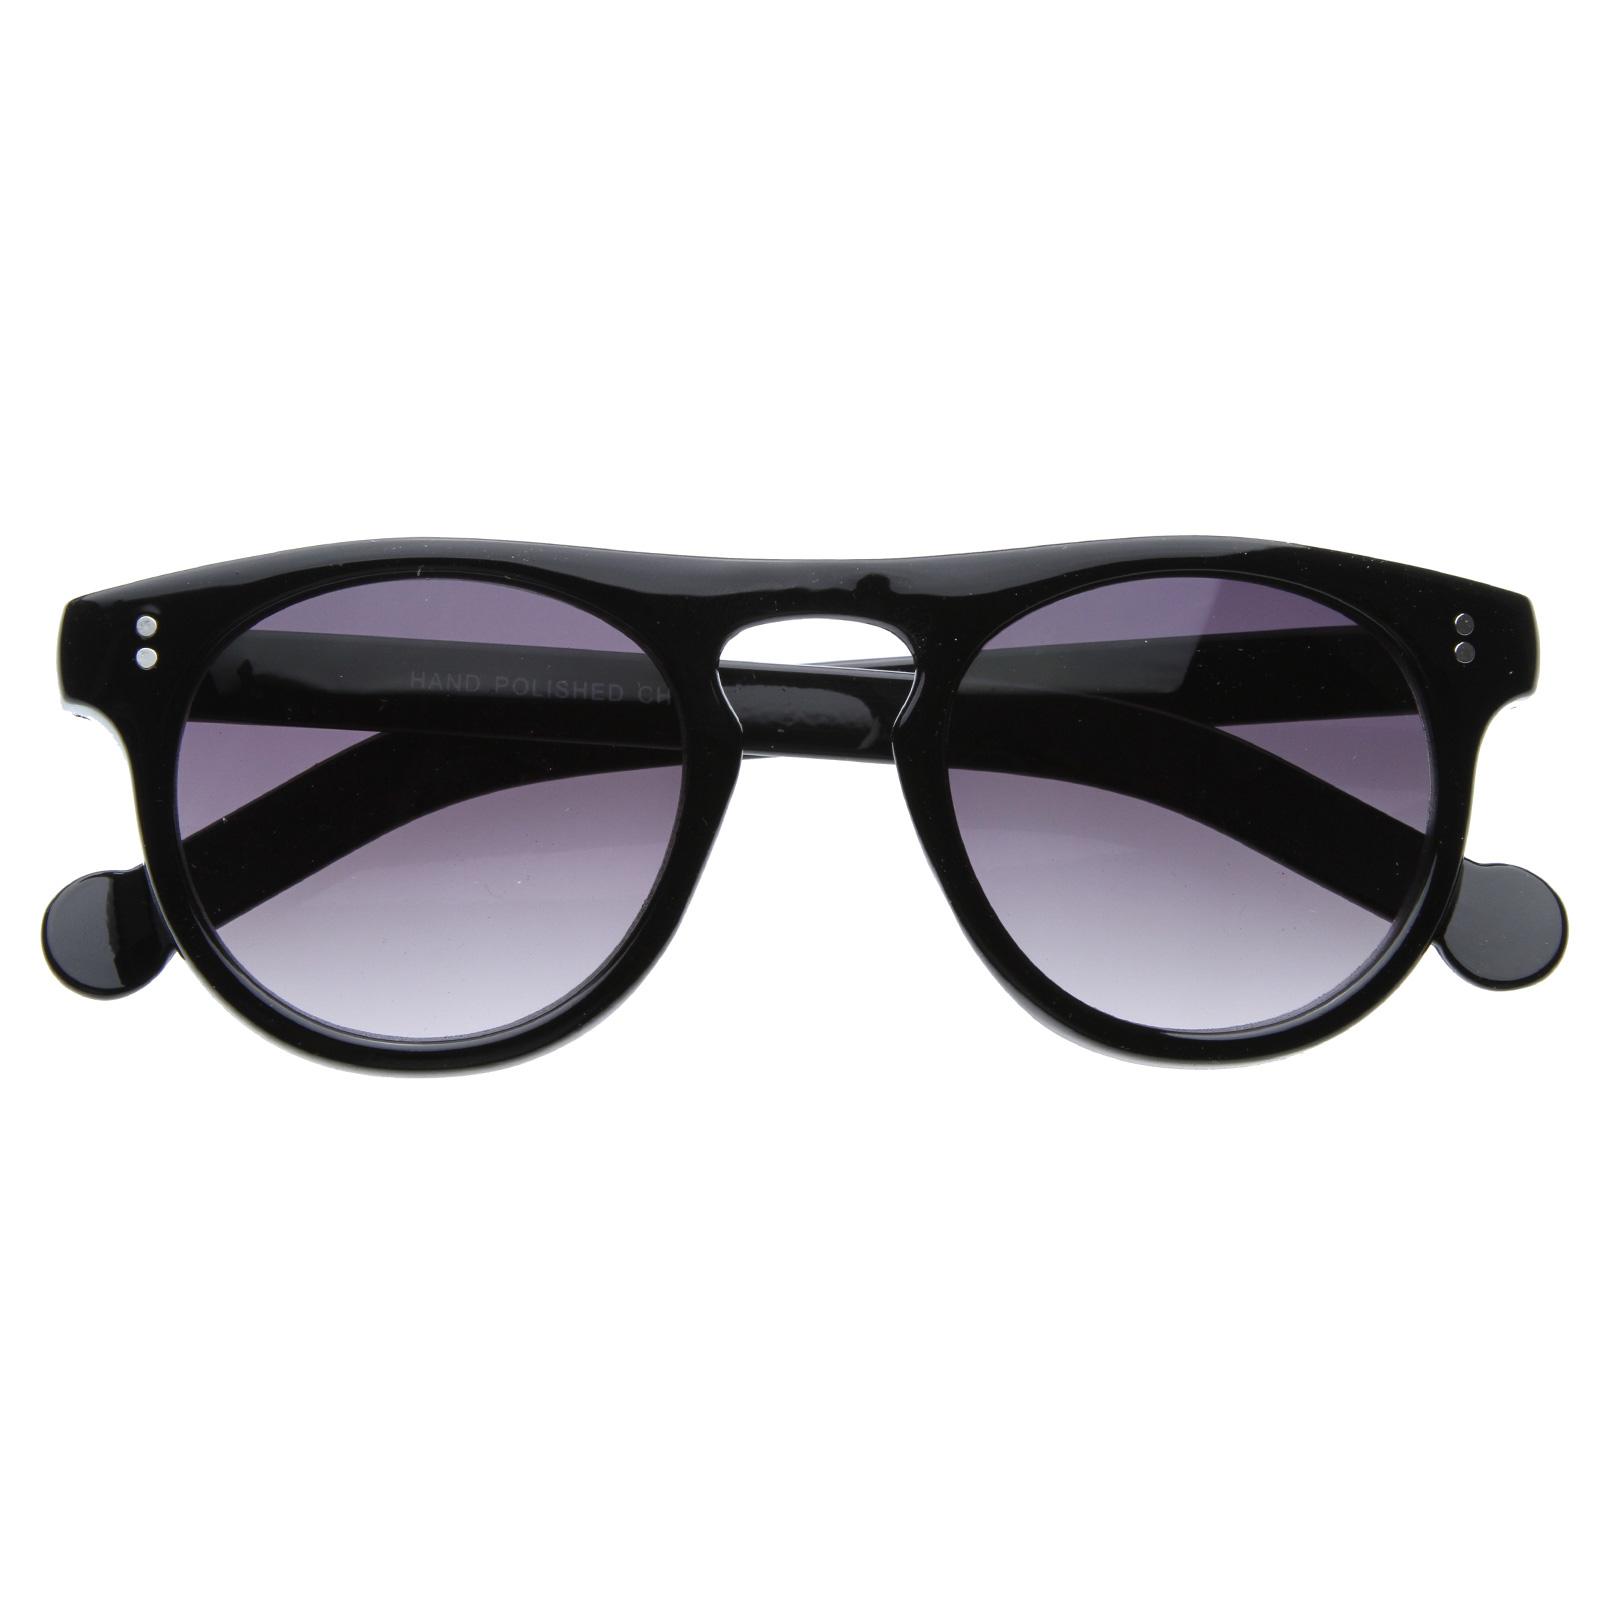 e902543432b68 Thin Frame Wayfarer Sunglasses   Programa Cidades Sustentáveis